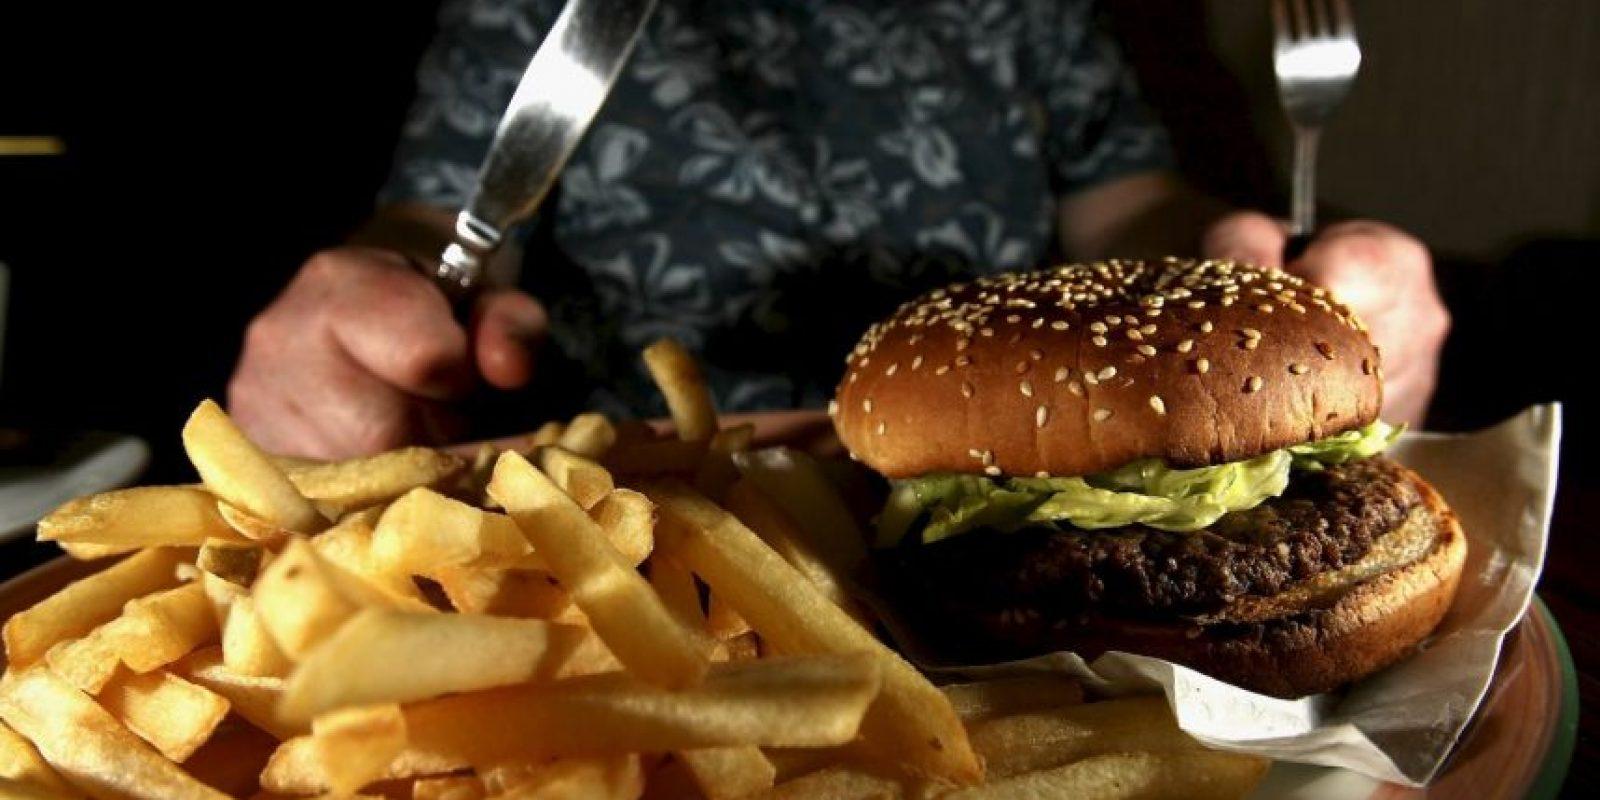 El tip alimenticio es evitar comida chatarra. Foto:Getty Images